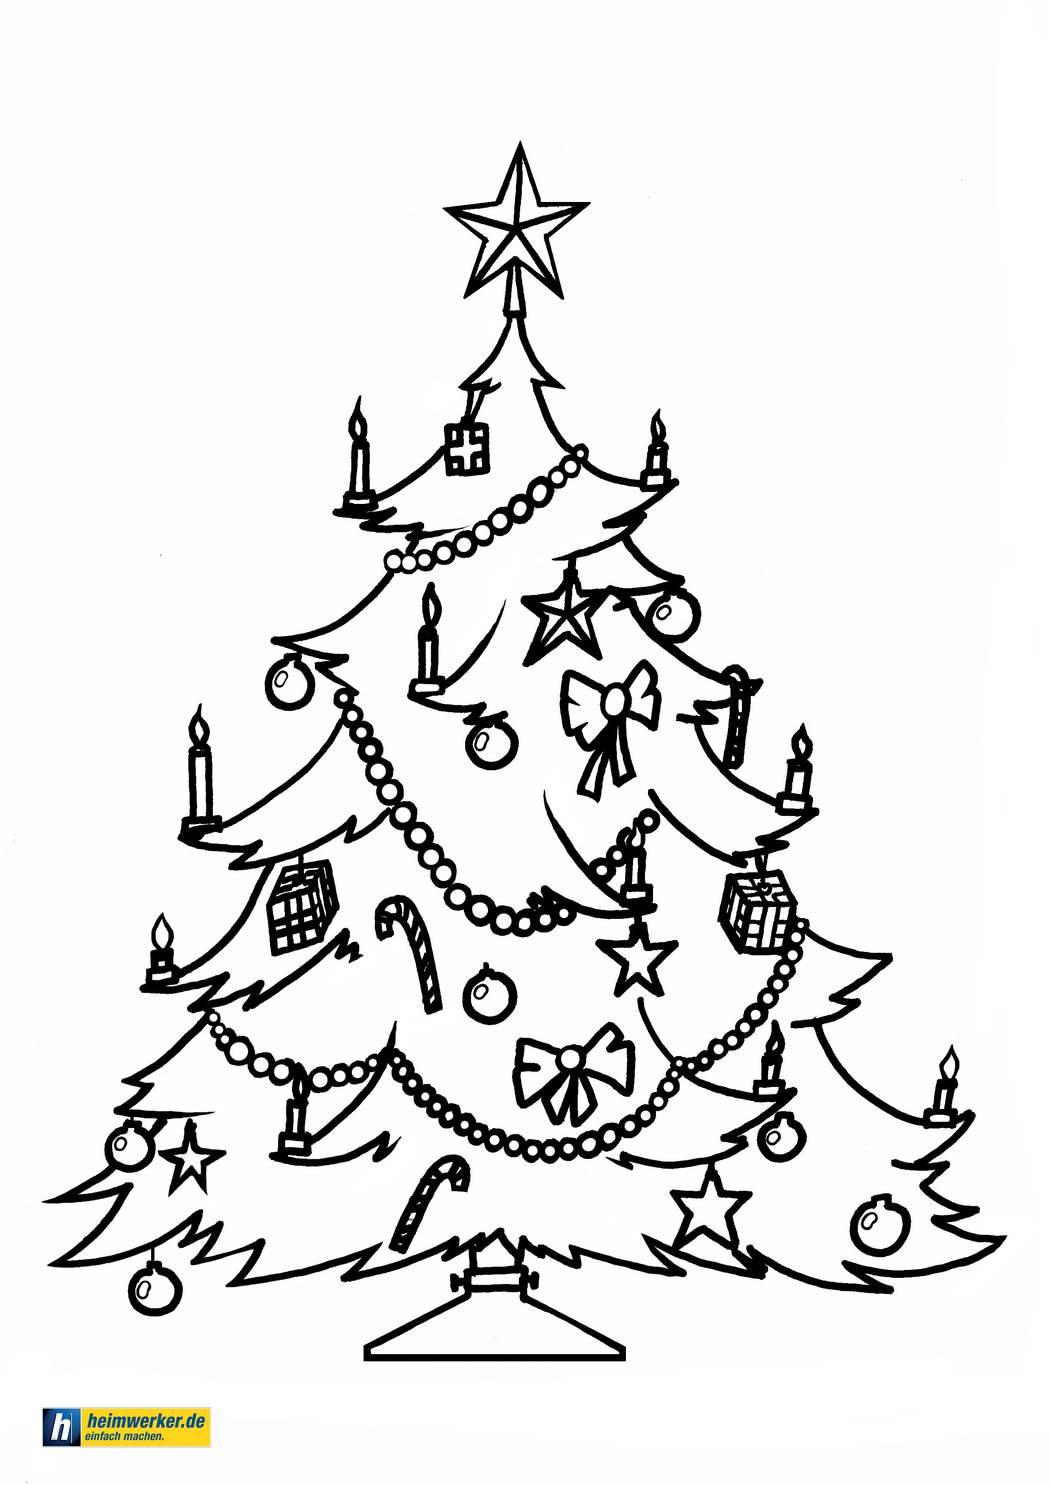 weihnachtsbilder zum kopieren kostenlos  kinderbilder